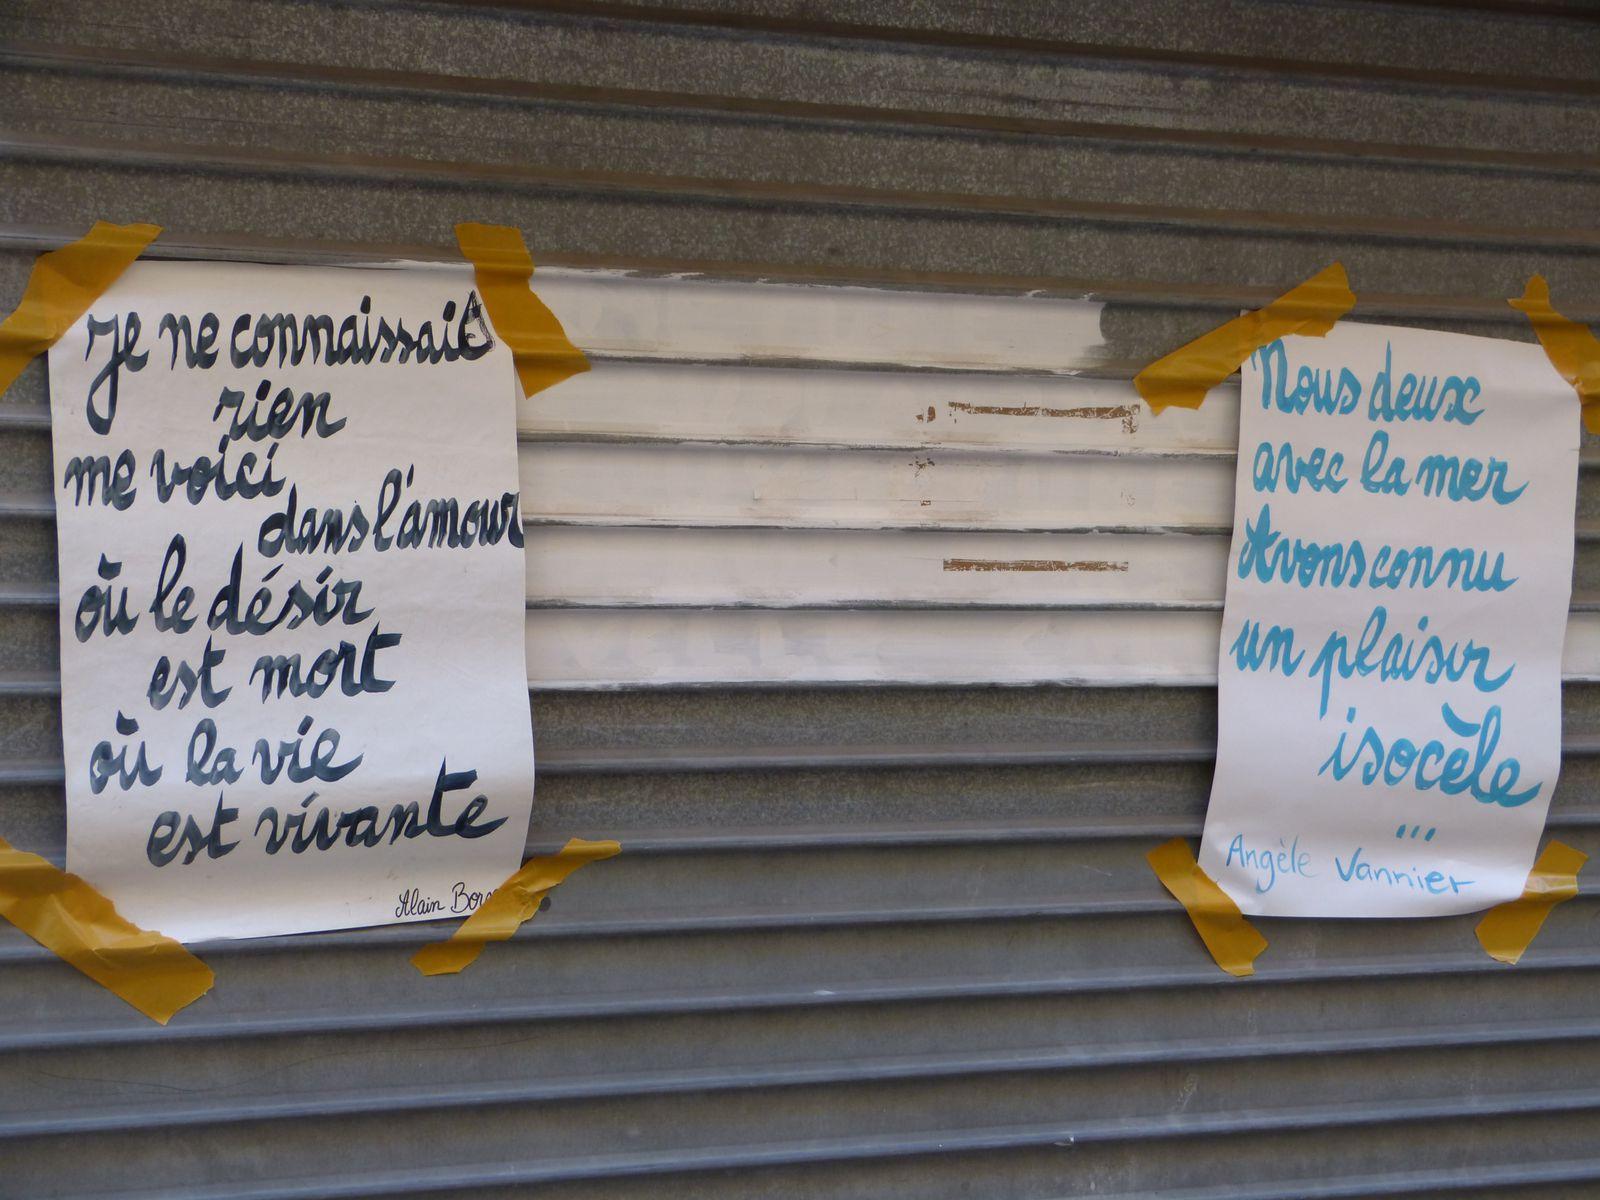 Les rues se remplissent de poèmes, de ballons et de tissus. Les papiers mâchés des collégiens de Jean Jaurès en pédagogie Freinet transforment la Place Sadi Carnot